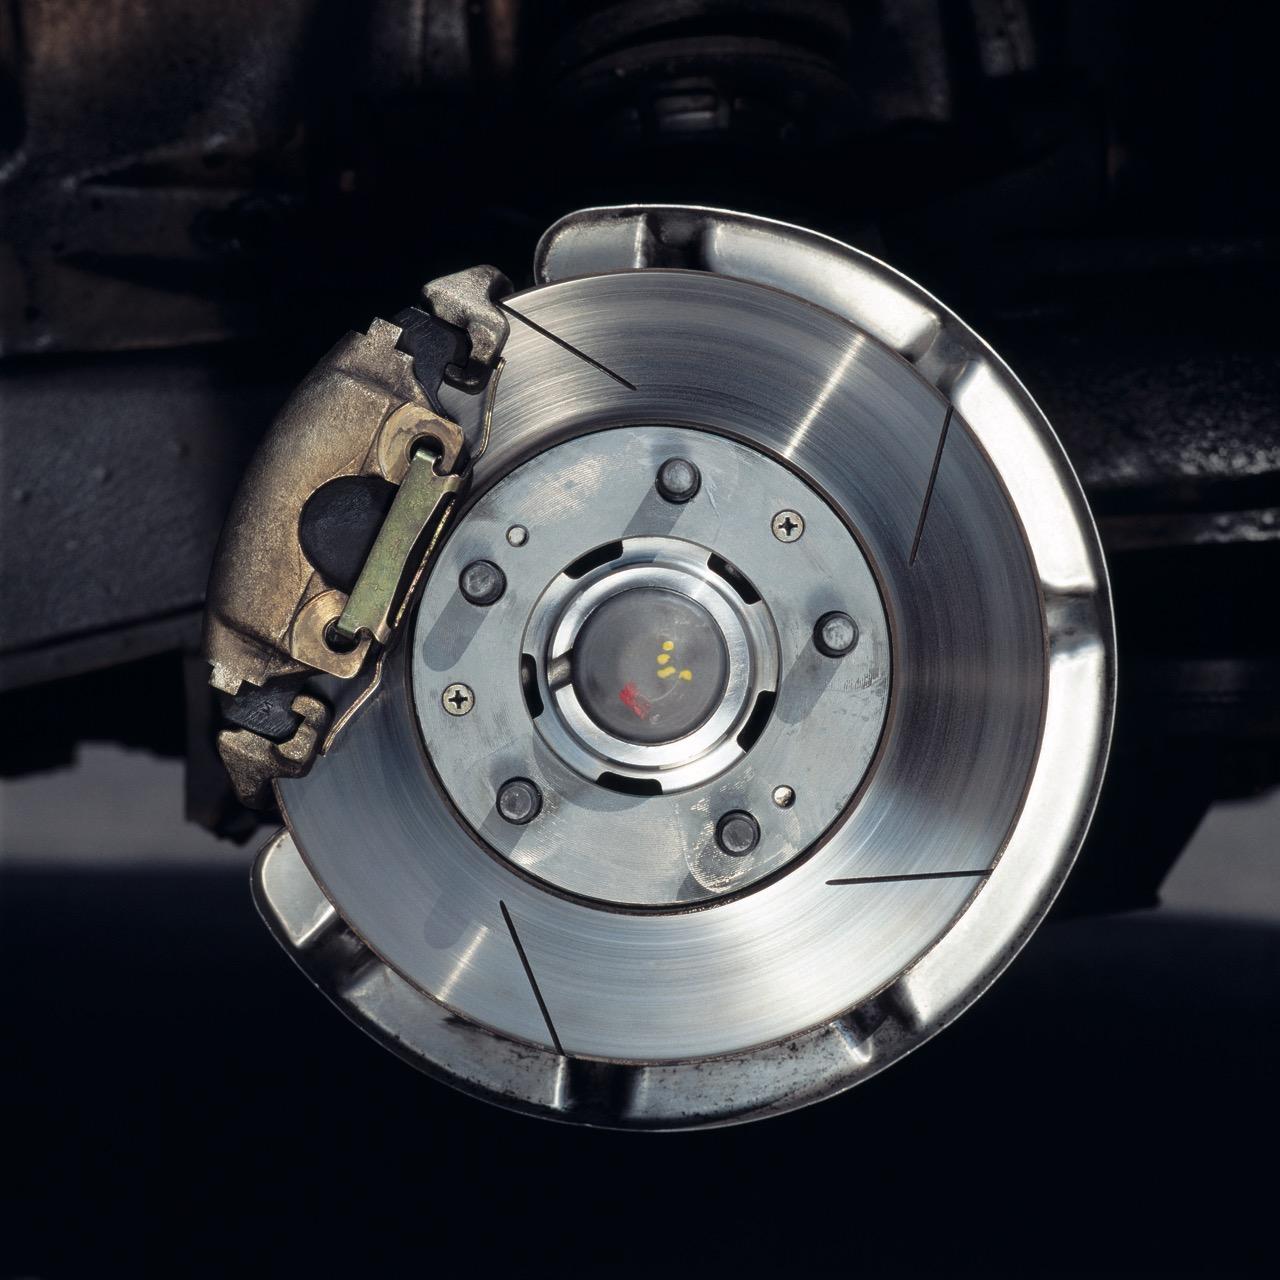 ABS-Bremsanlage des Porsche 928 S